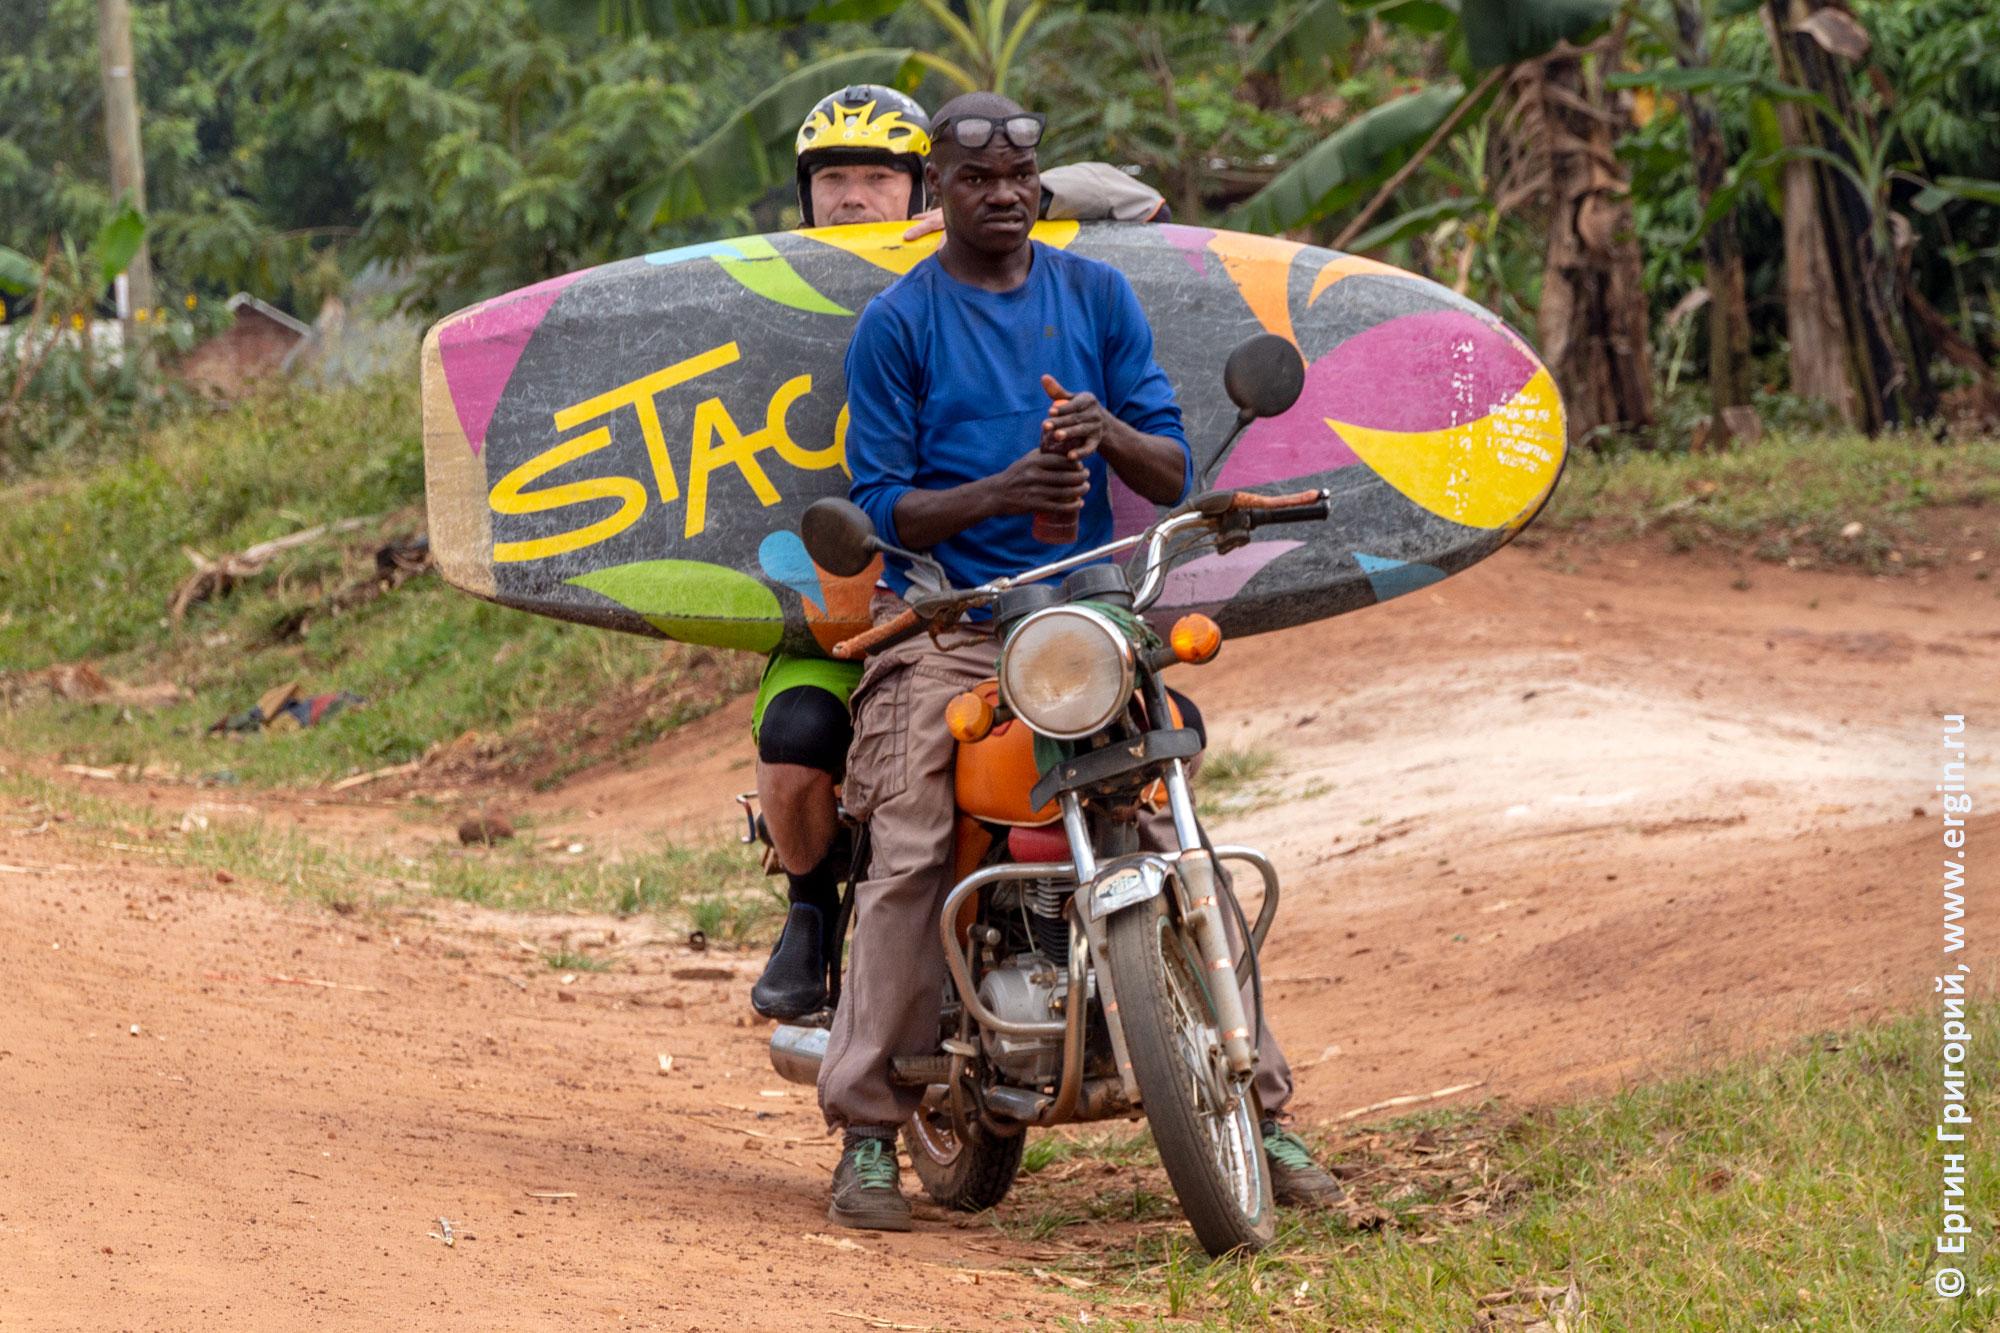 Таксист на мотоцикле в Уганде Бода-бода везет каяк